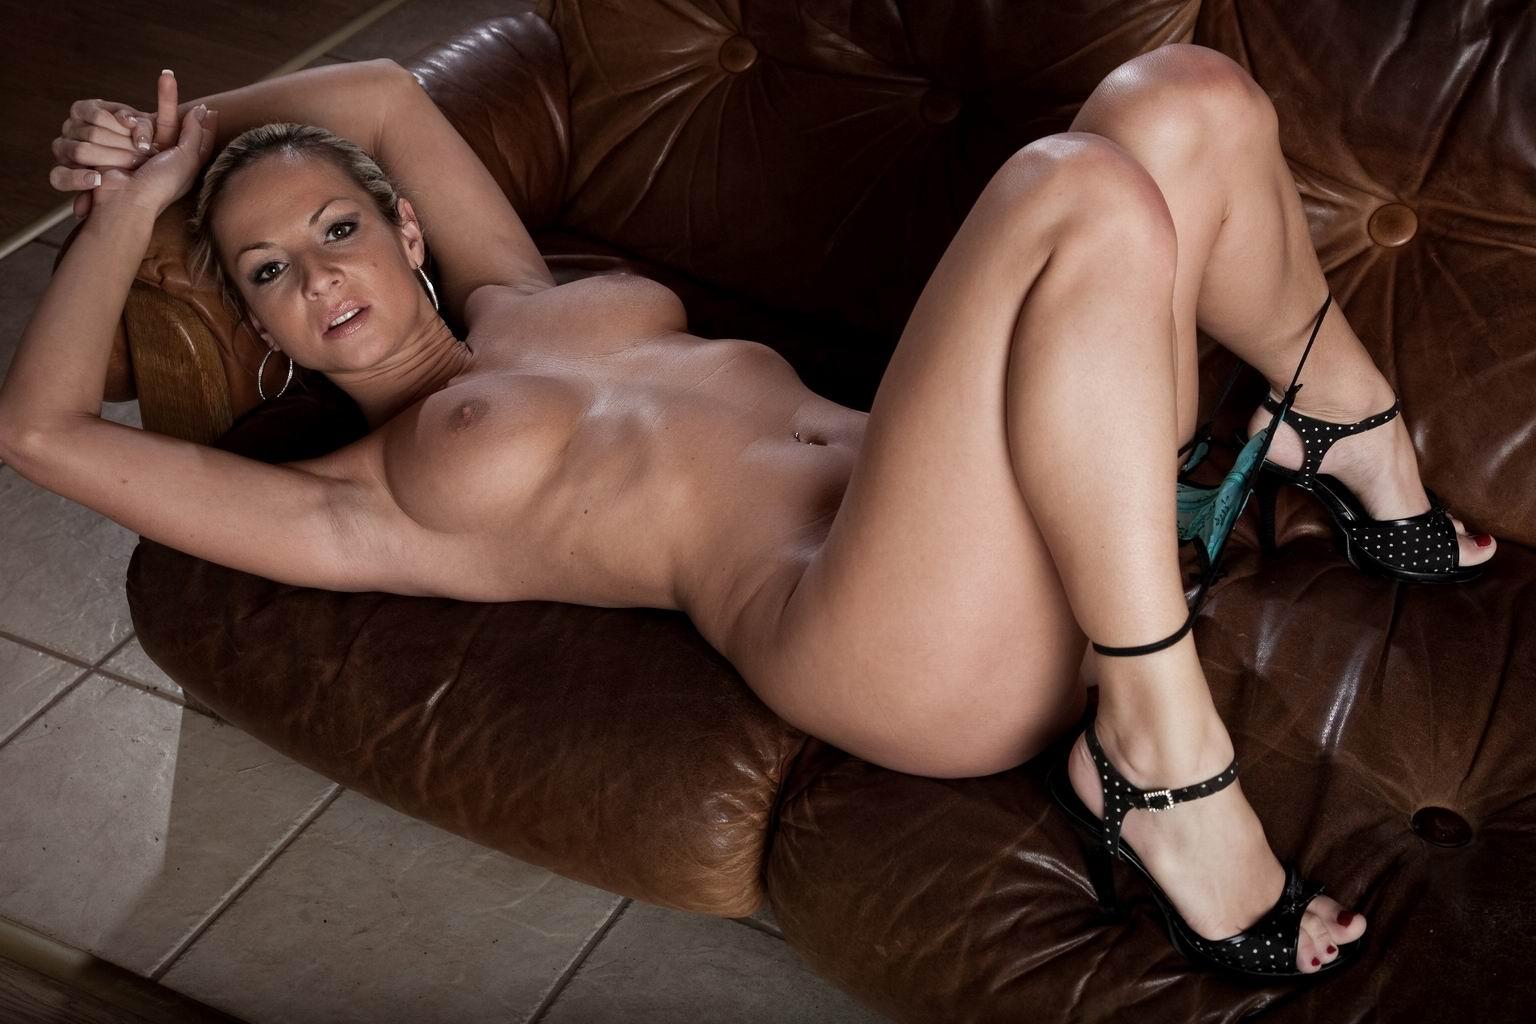 Раздетые женщины в возрасте фото 22 фотография